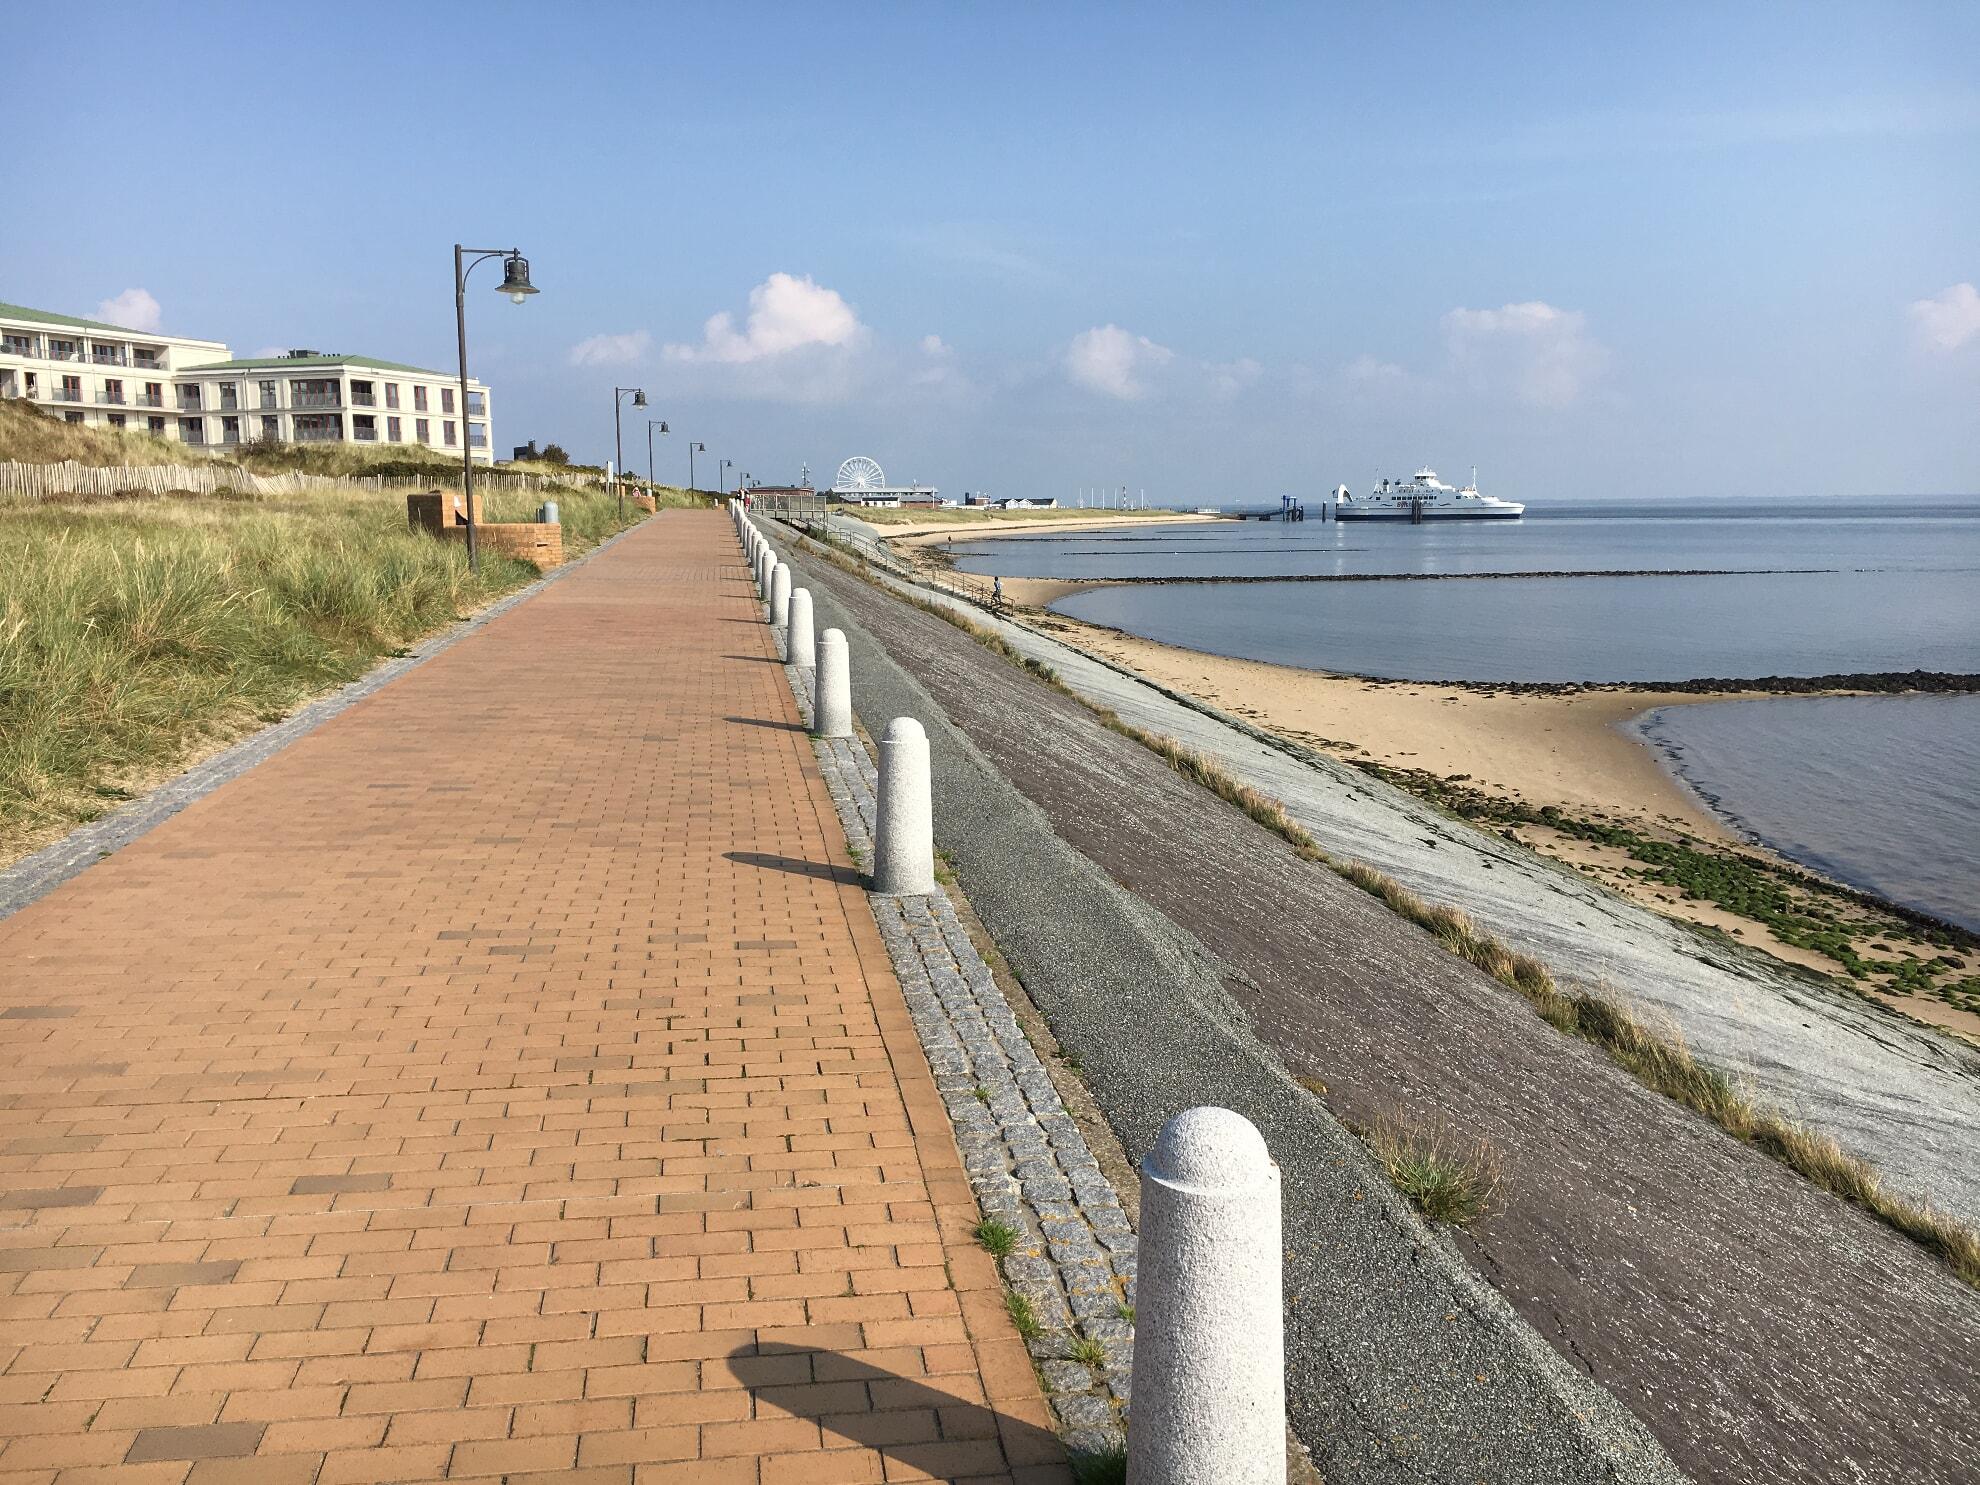 Lister Strandpromenade